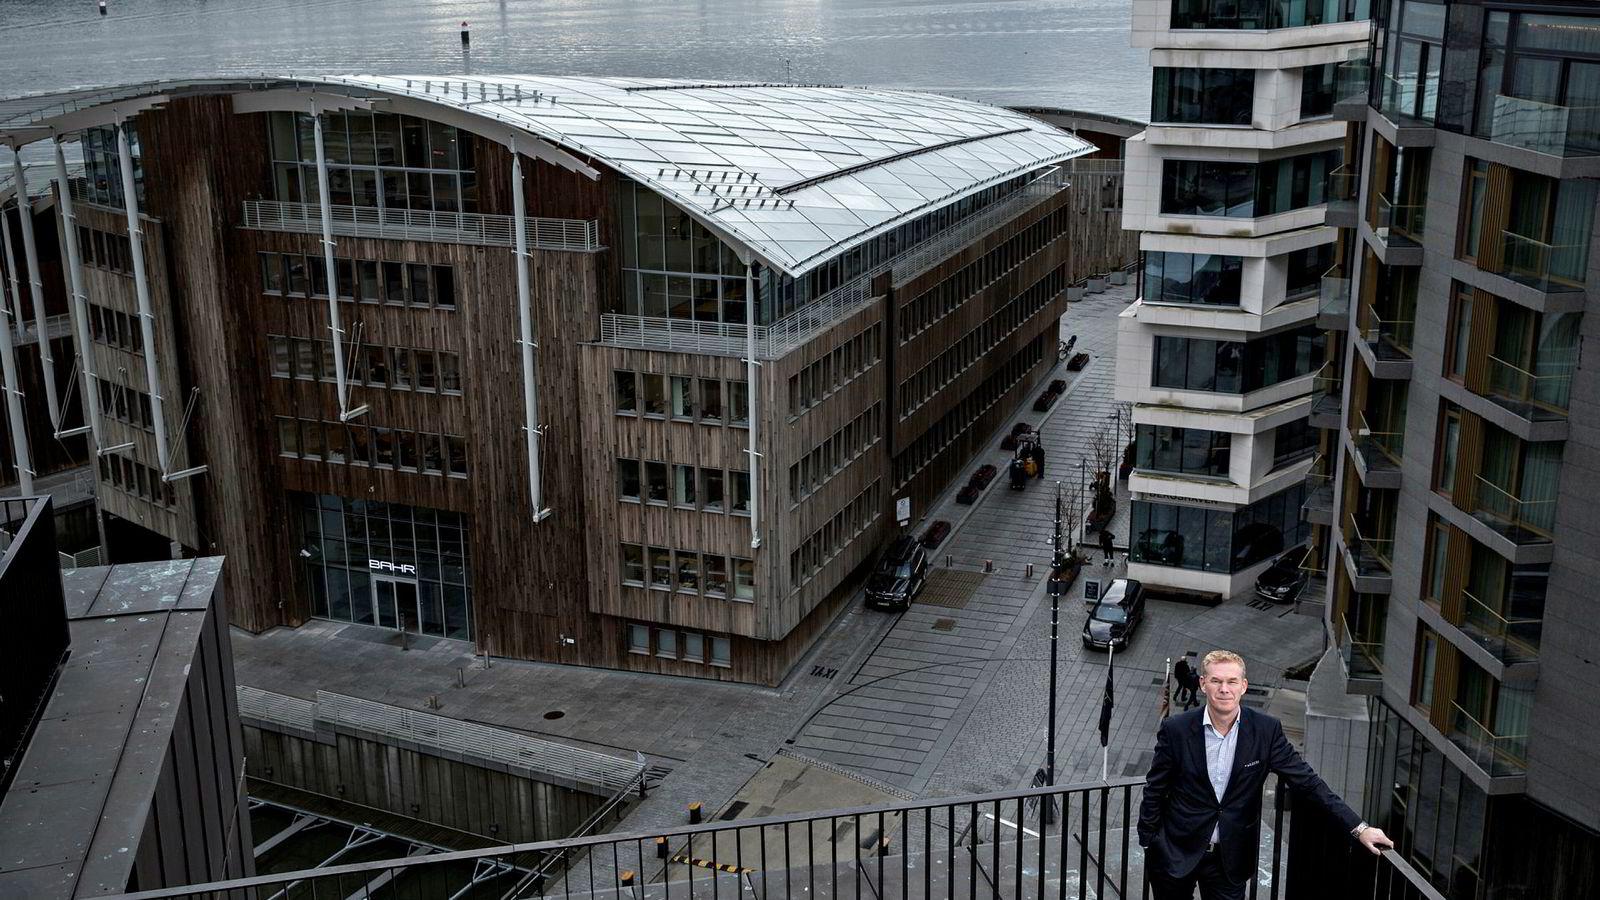 Administrerende direktør Dag Tjernsmo i Handelsbanken Norge sier han er litt overrasket over at boliglånsrentene har stått stille i vinter. Hvis bankenes finansiering ikke blir billigere, kan boliglånene bli dyrere før sommeren.